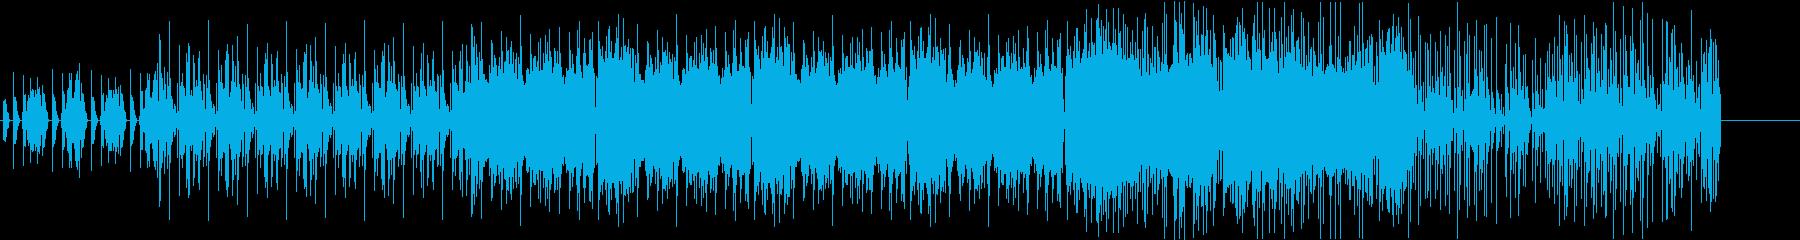 【ヒップホップ】お洒落・ラグジュアリーの再生済みの波形